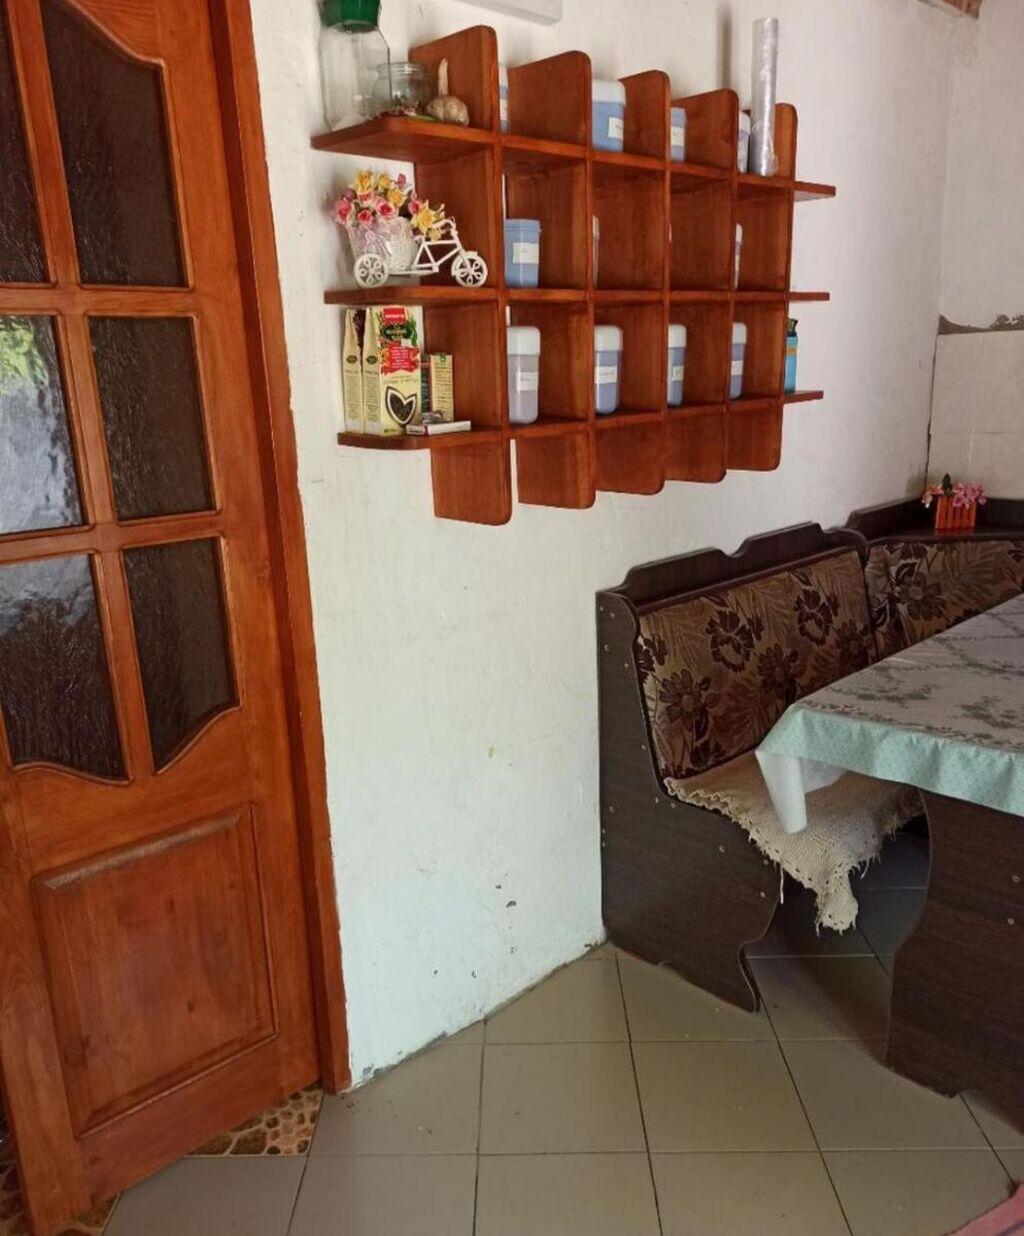 Продаю кухонный гарнитур состояние ниже среднего: Продаю кухонный гарнитур состояние ниже среднего